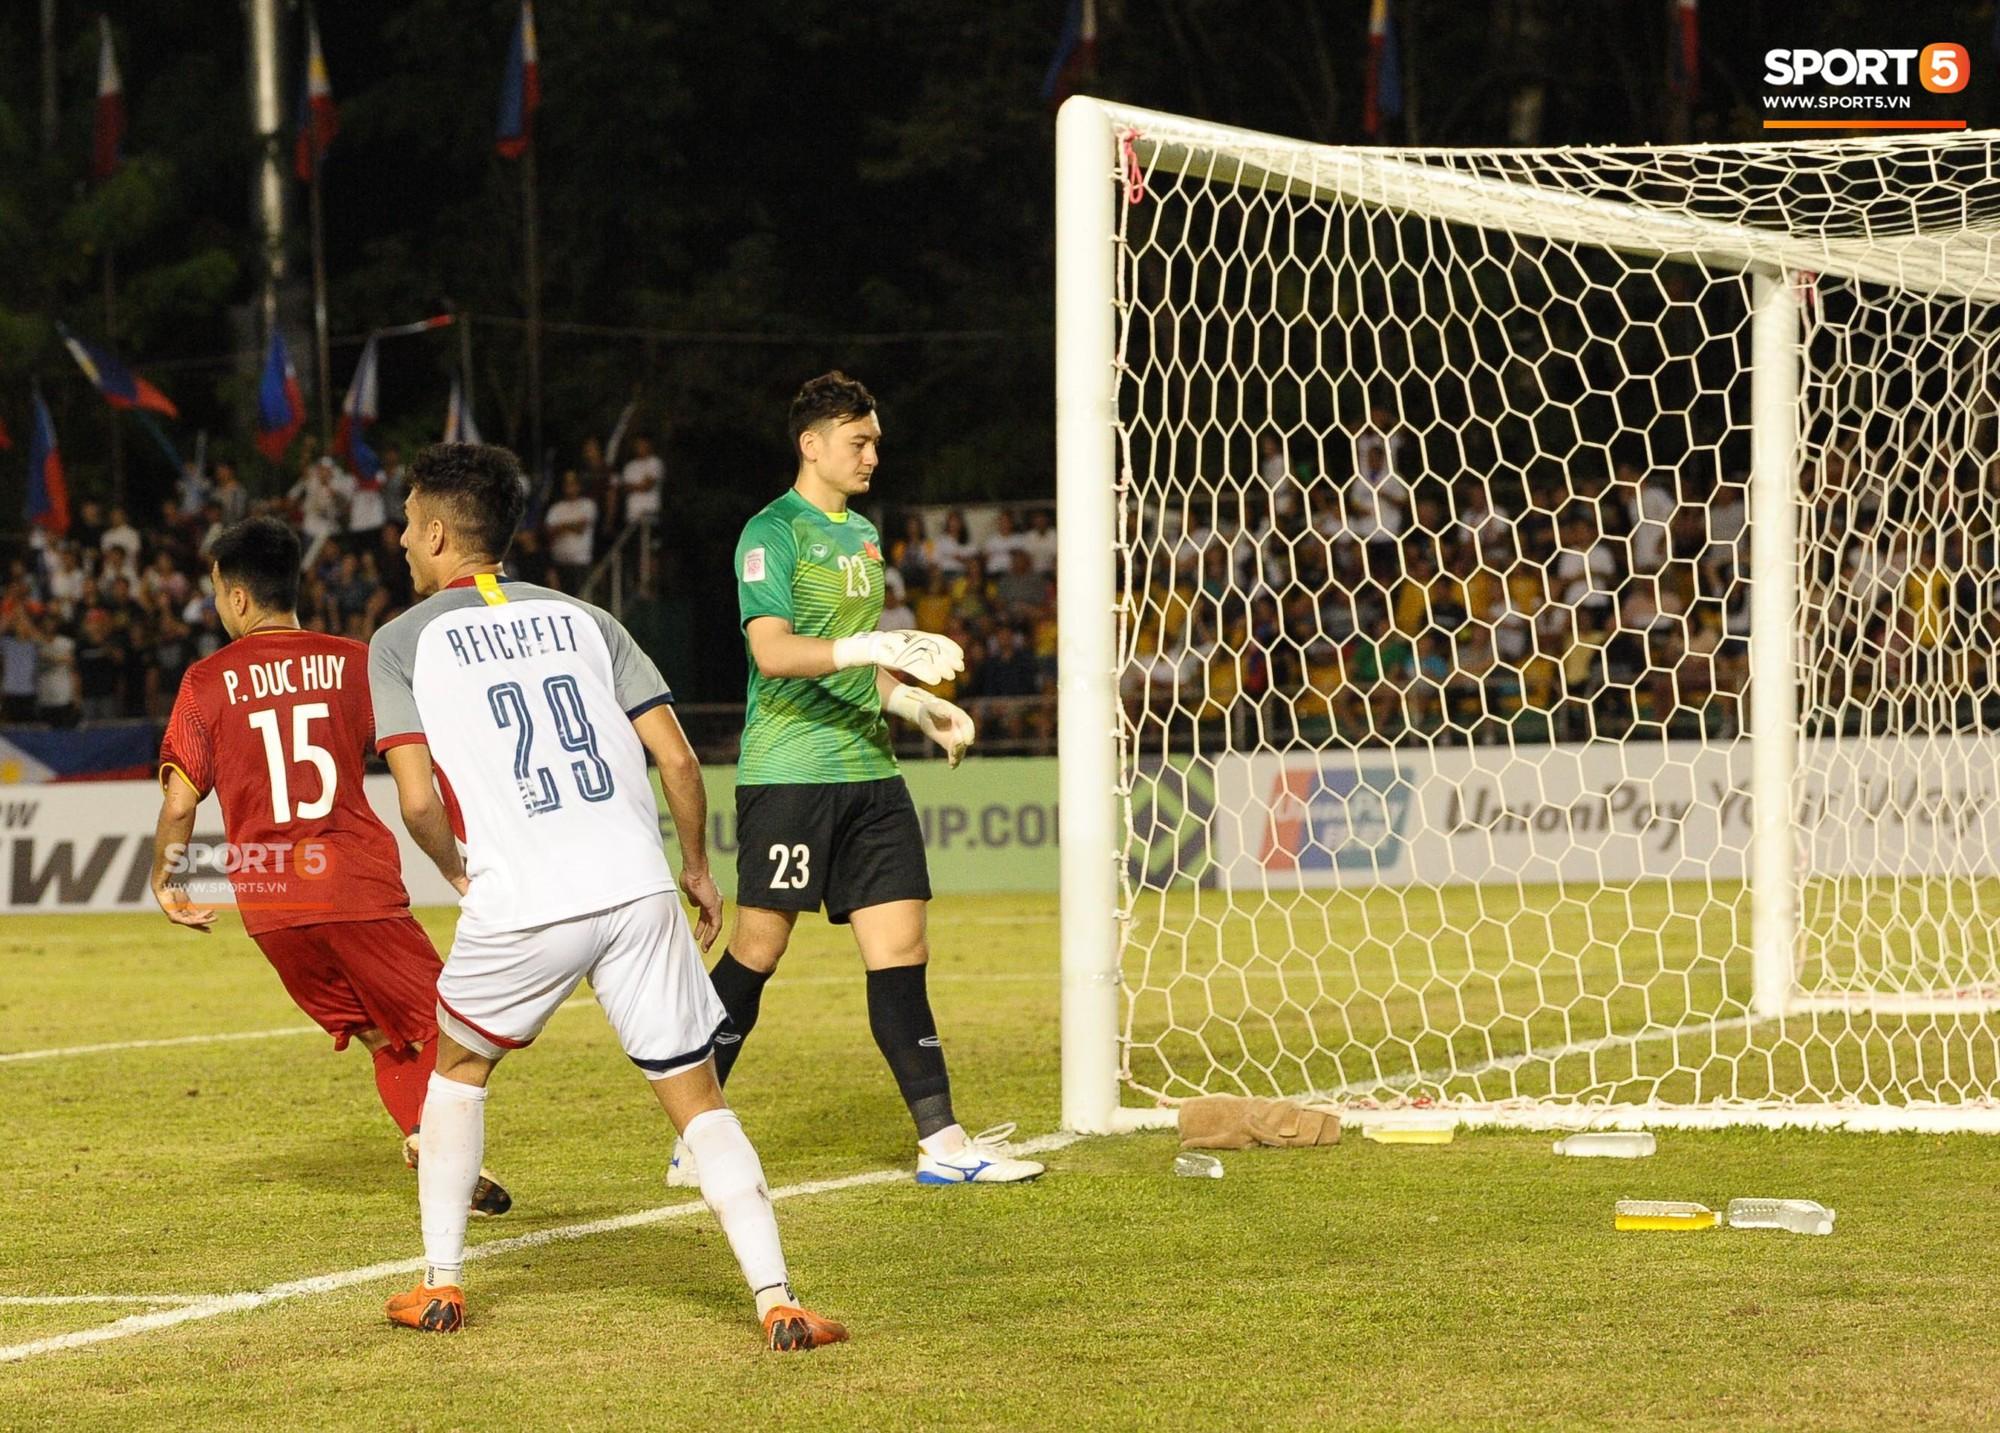 Hoàng tử Ả-rập thể hiện sự cần cù đến khó tin trong trận thắng Philippines-4